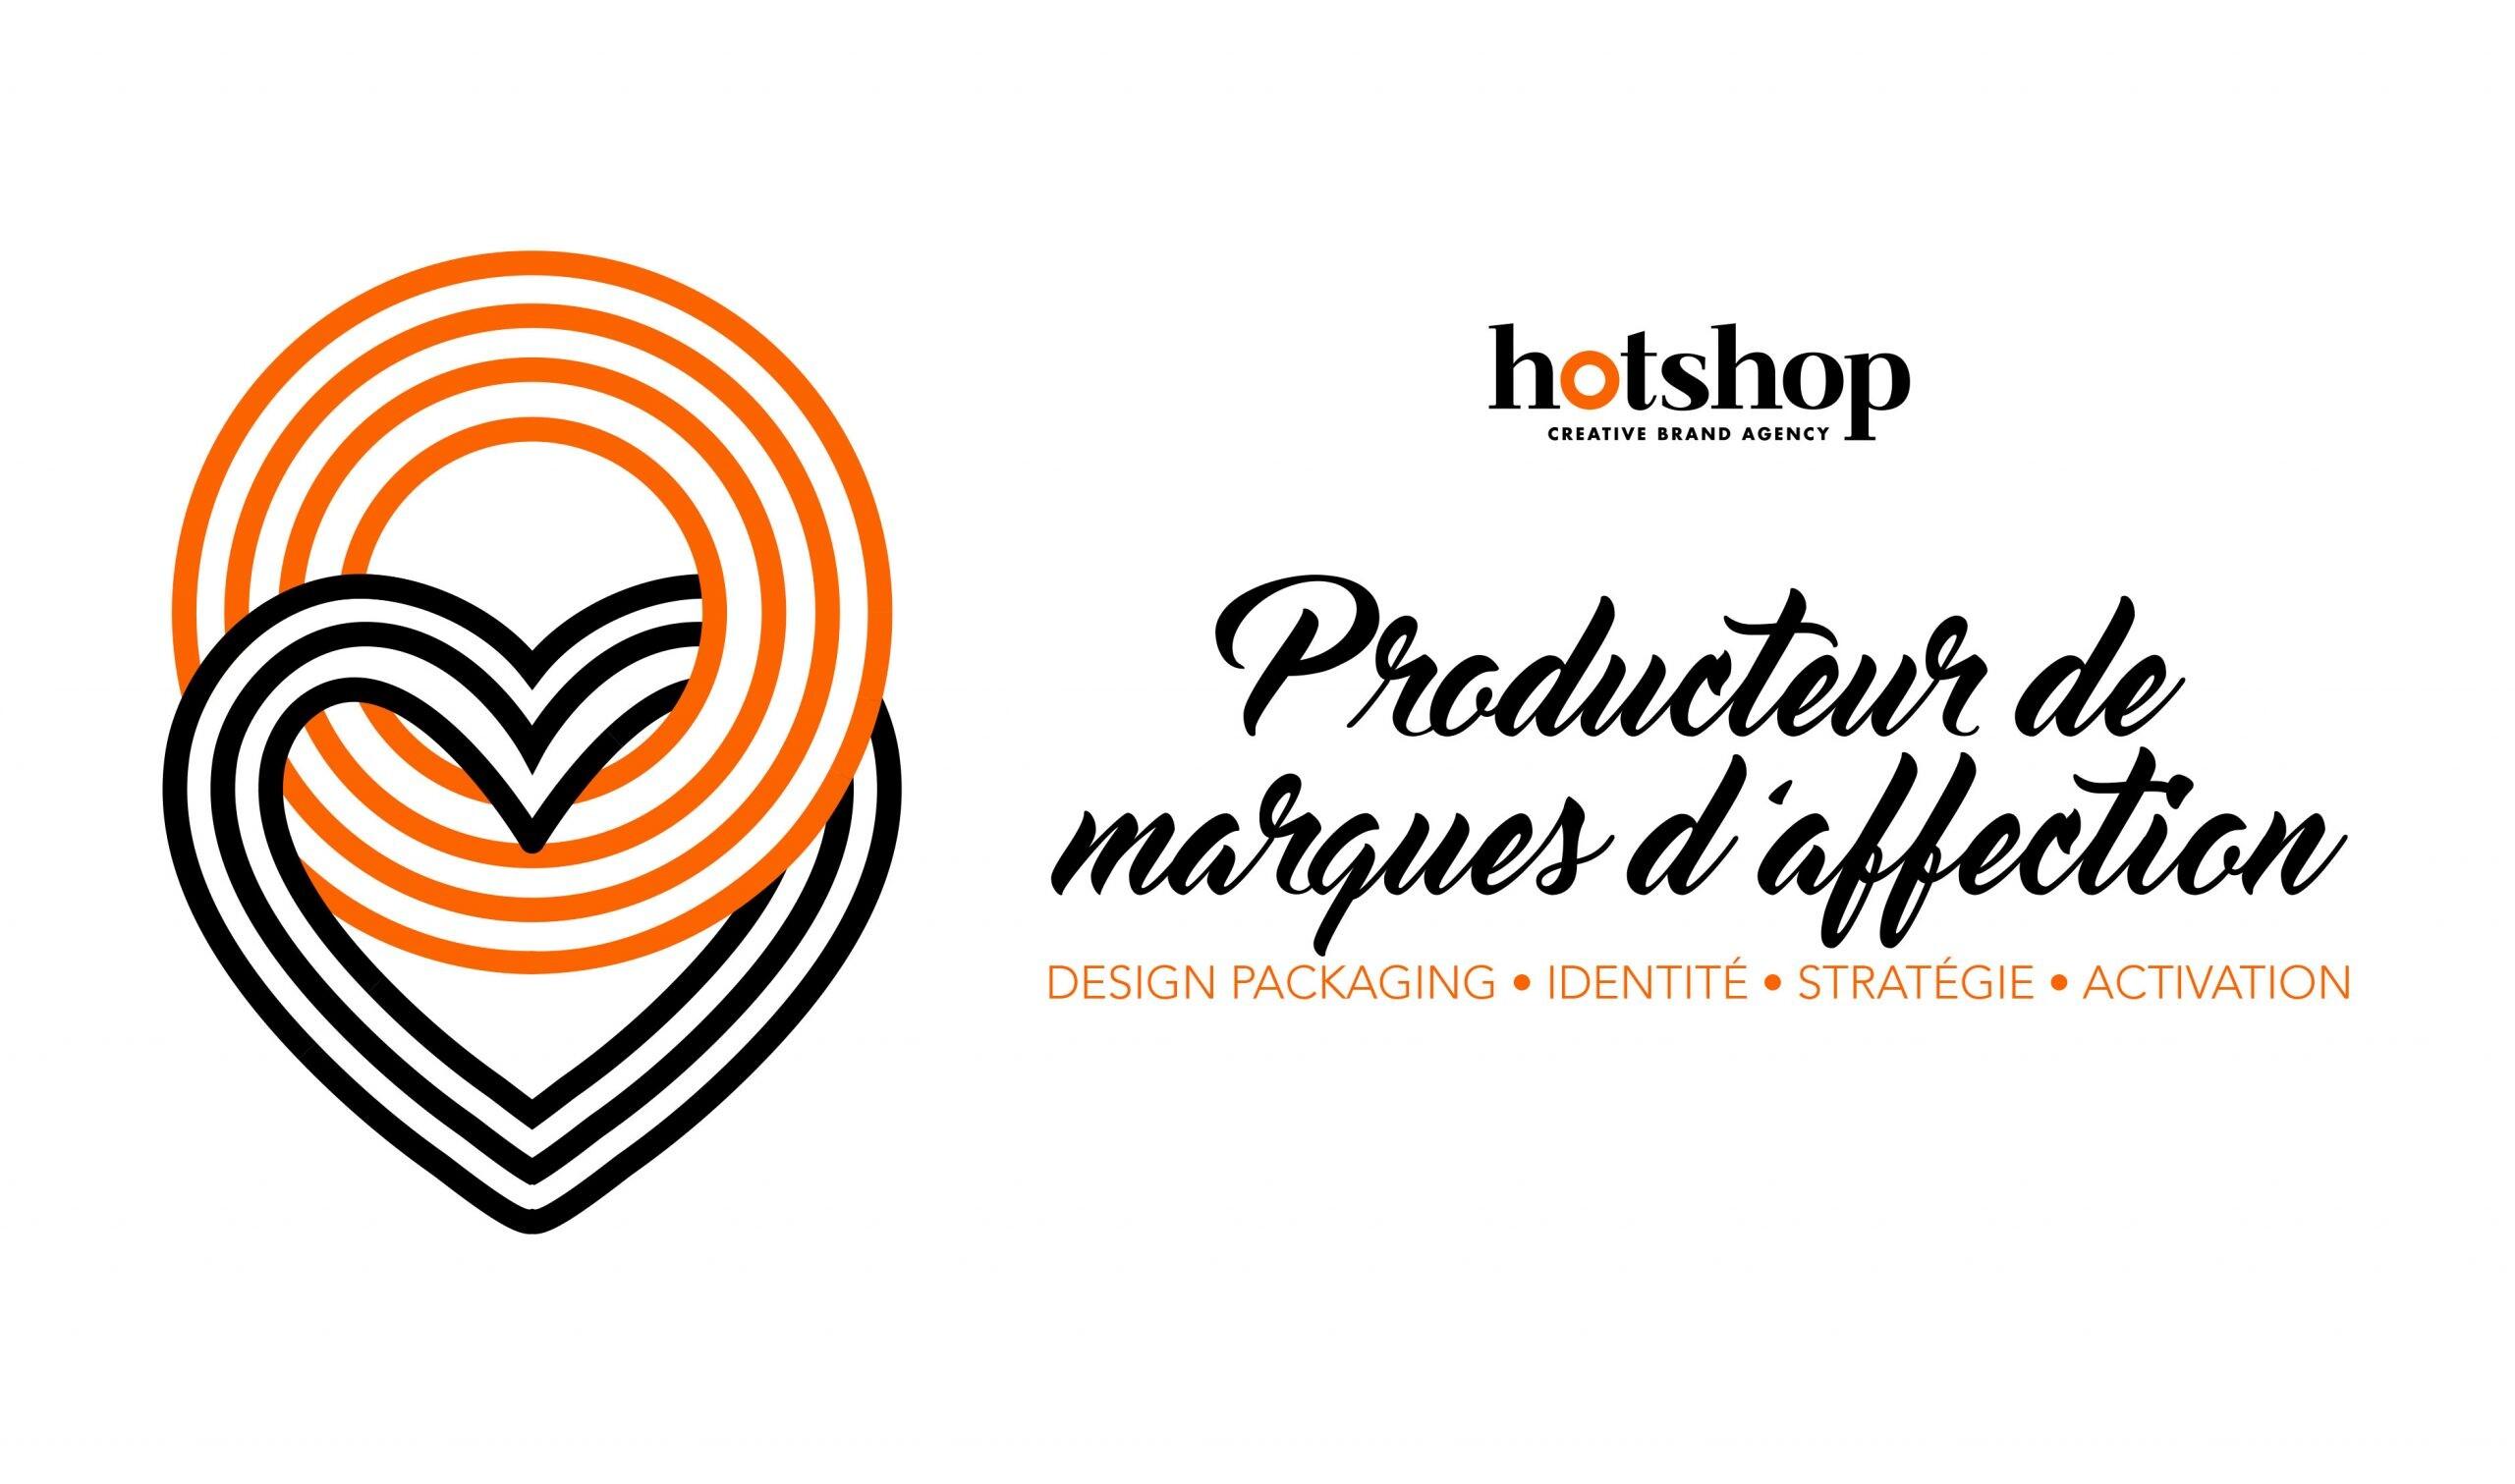 agency brand design packaging hotshop